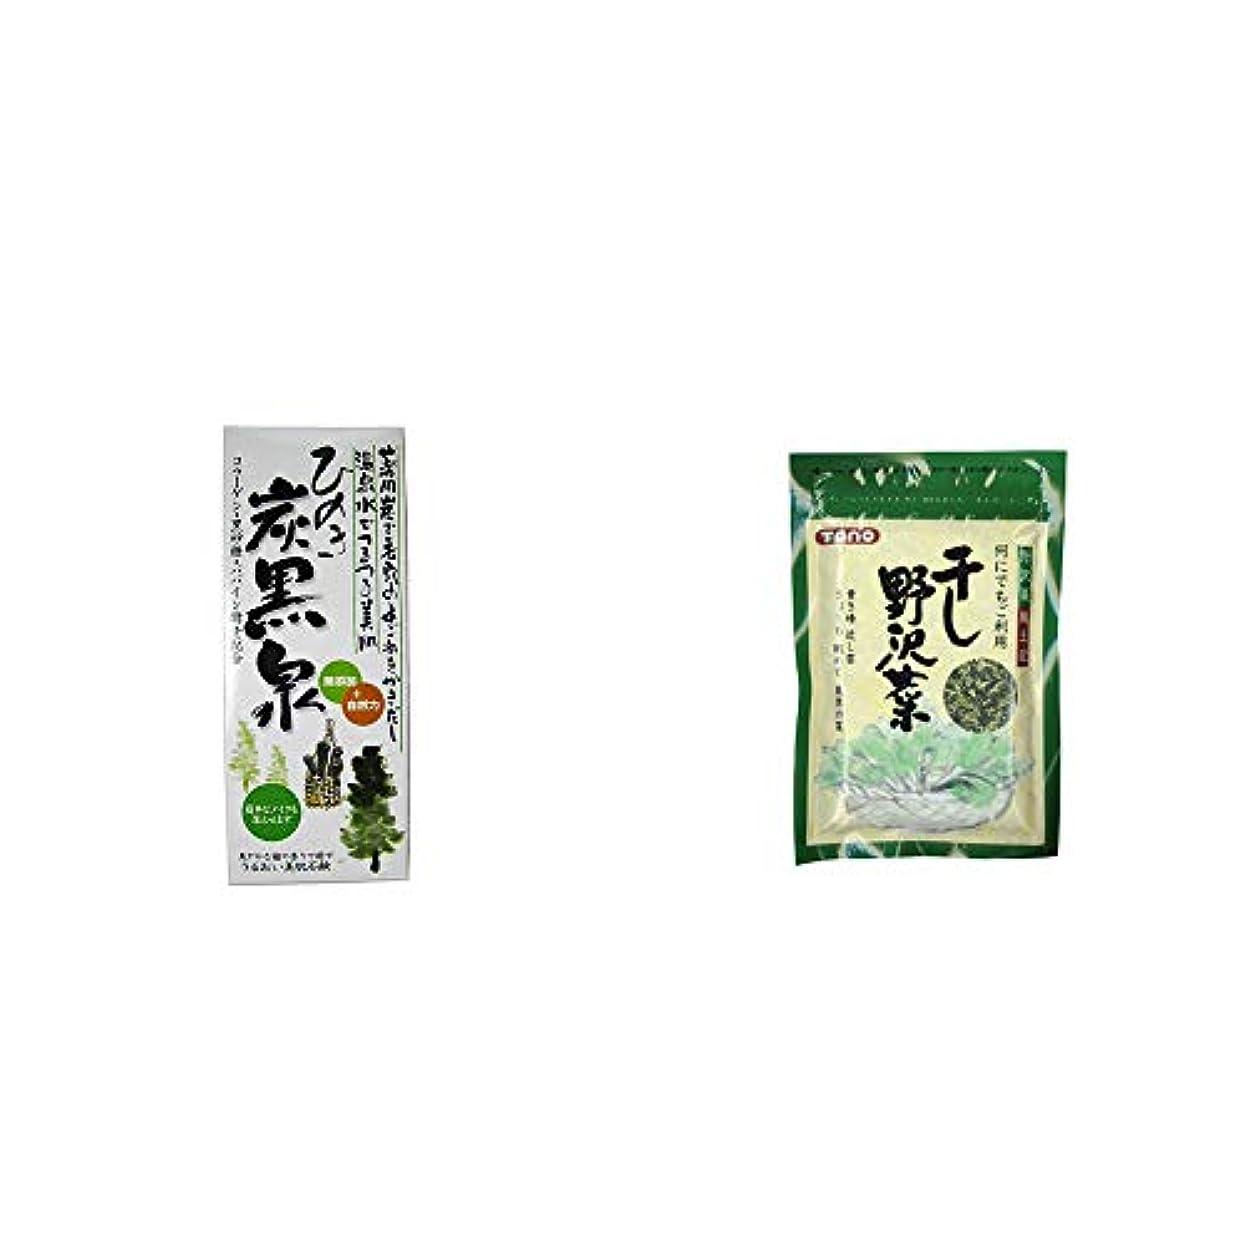 除外するアーティストグロー[2点セット] ひのき炭黒泉 箱入り(75g×3)?干し野沢菜(100g)